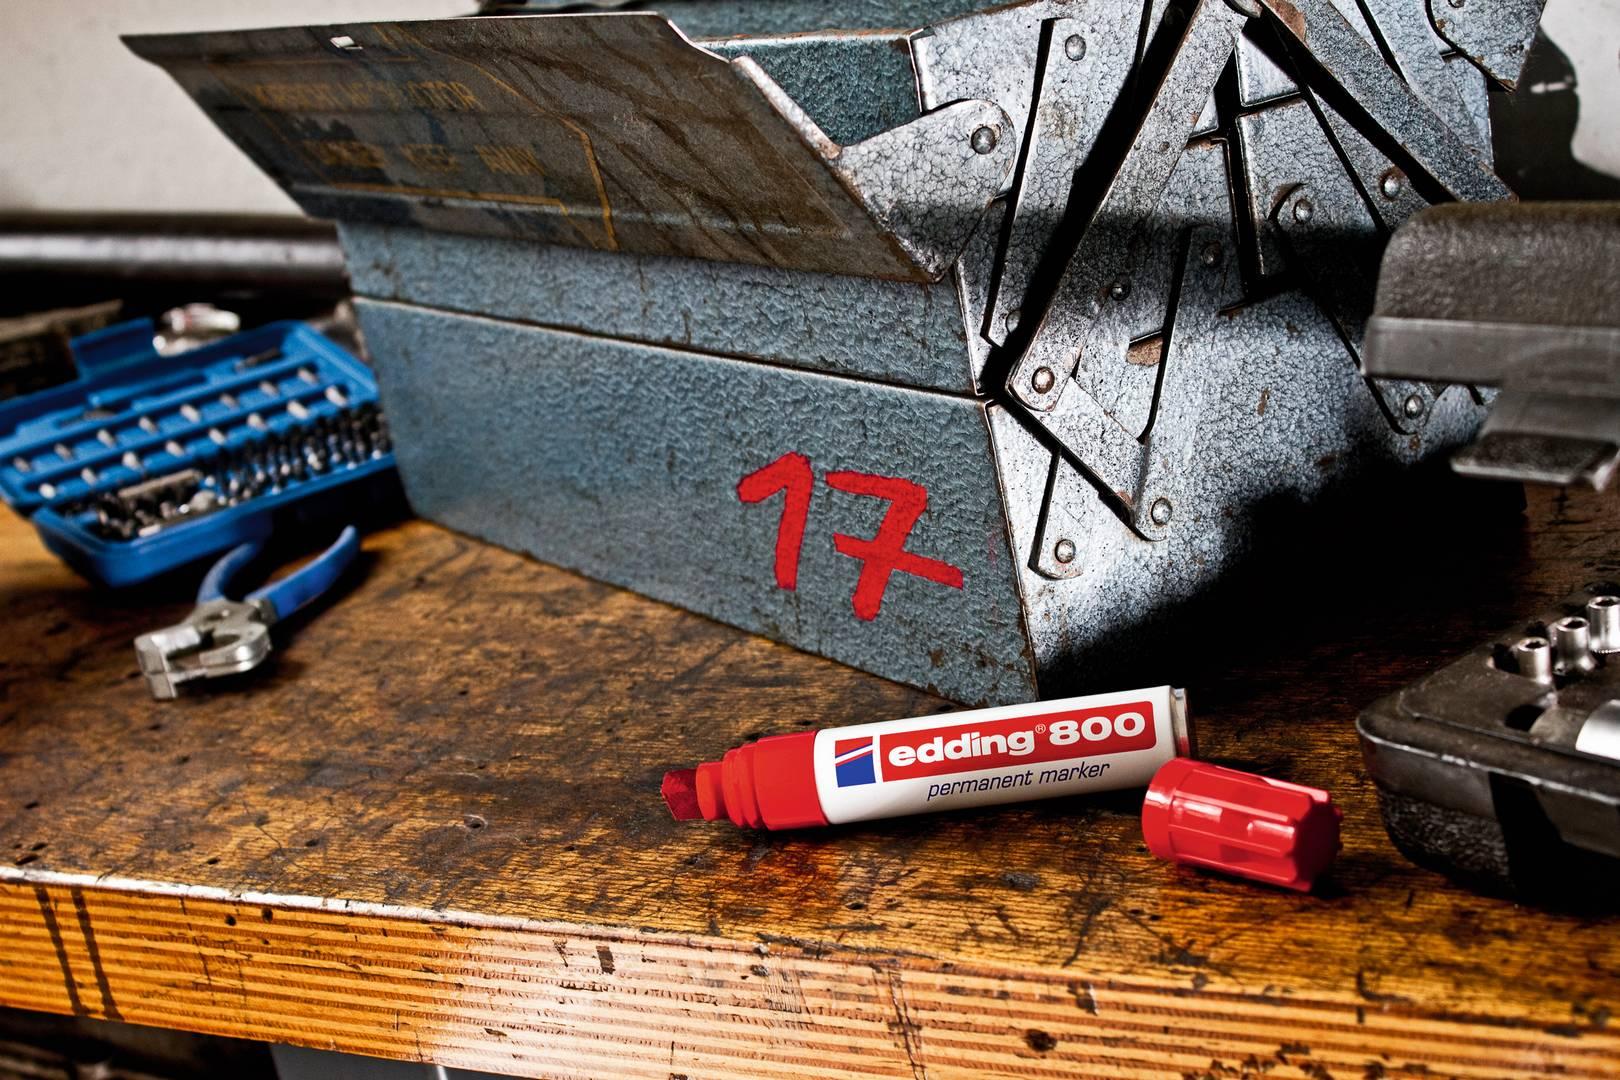 edding 800 permanentní popisovač, šikmý hrot 4-12  mm